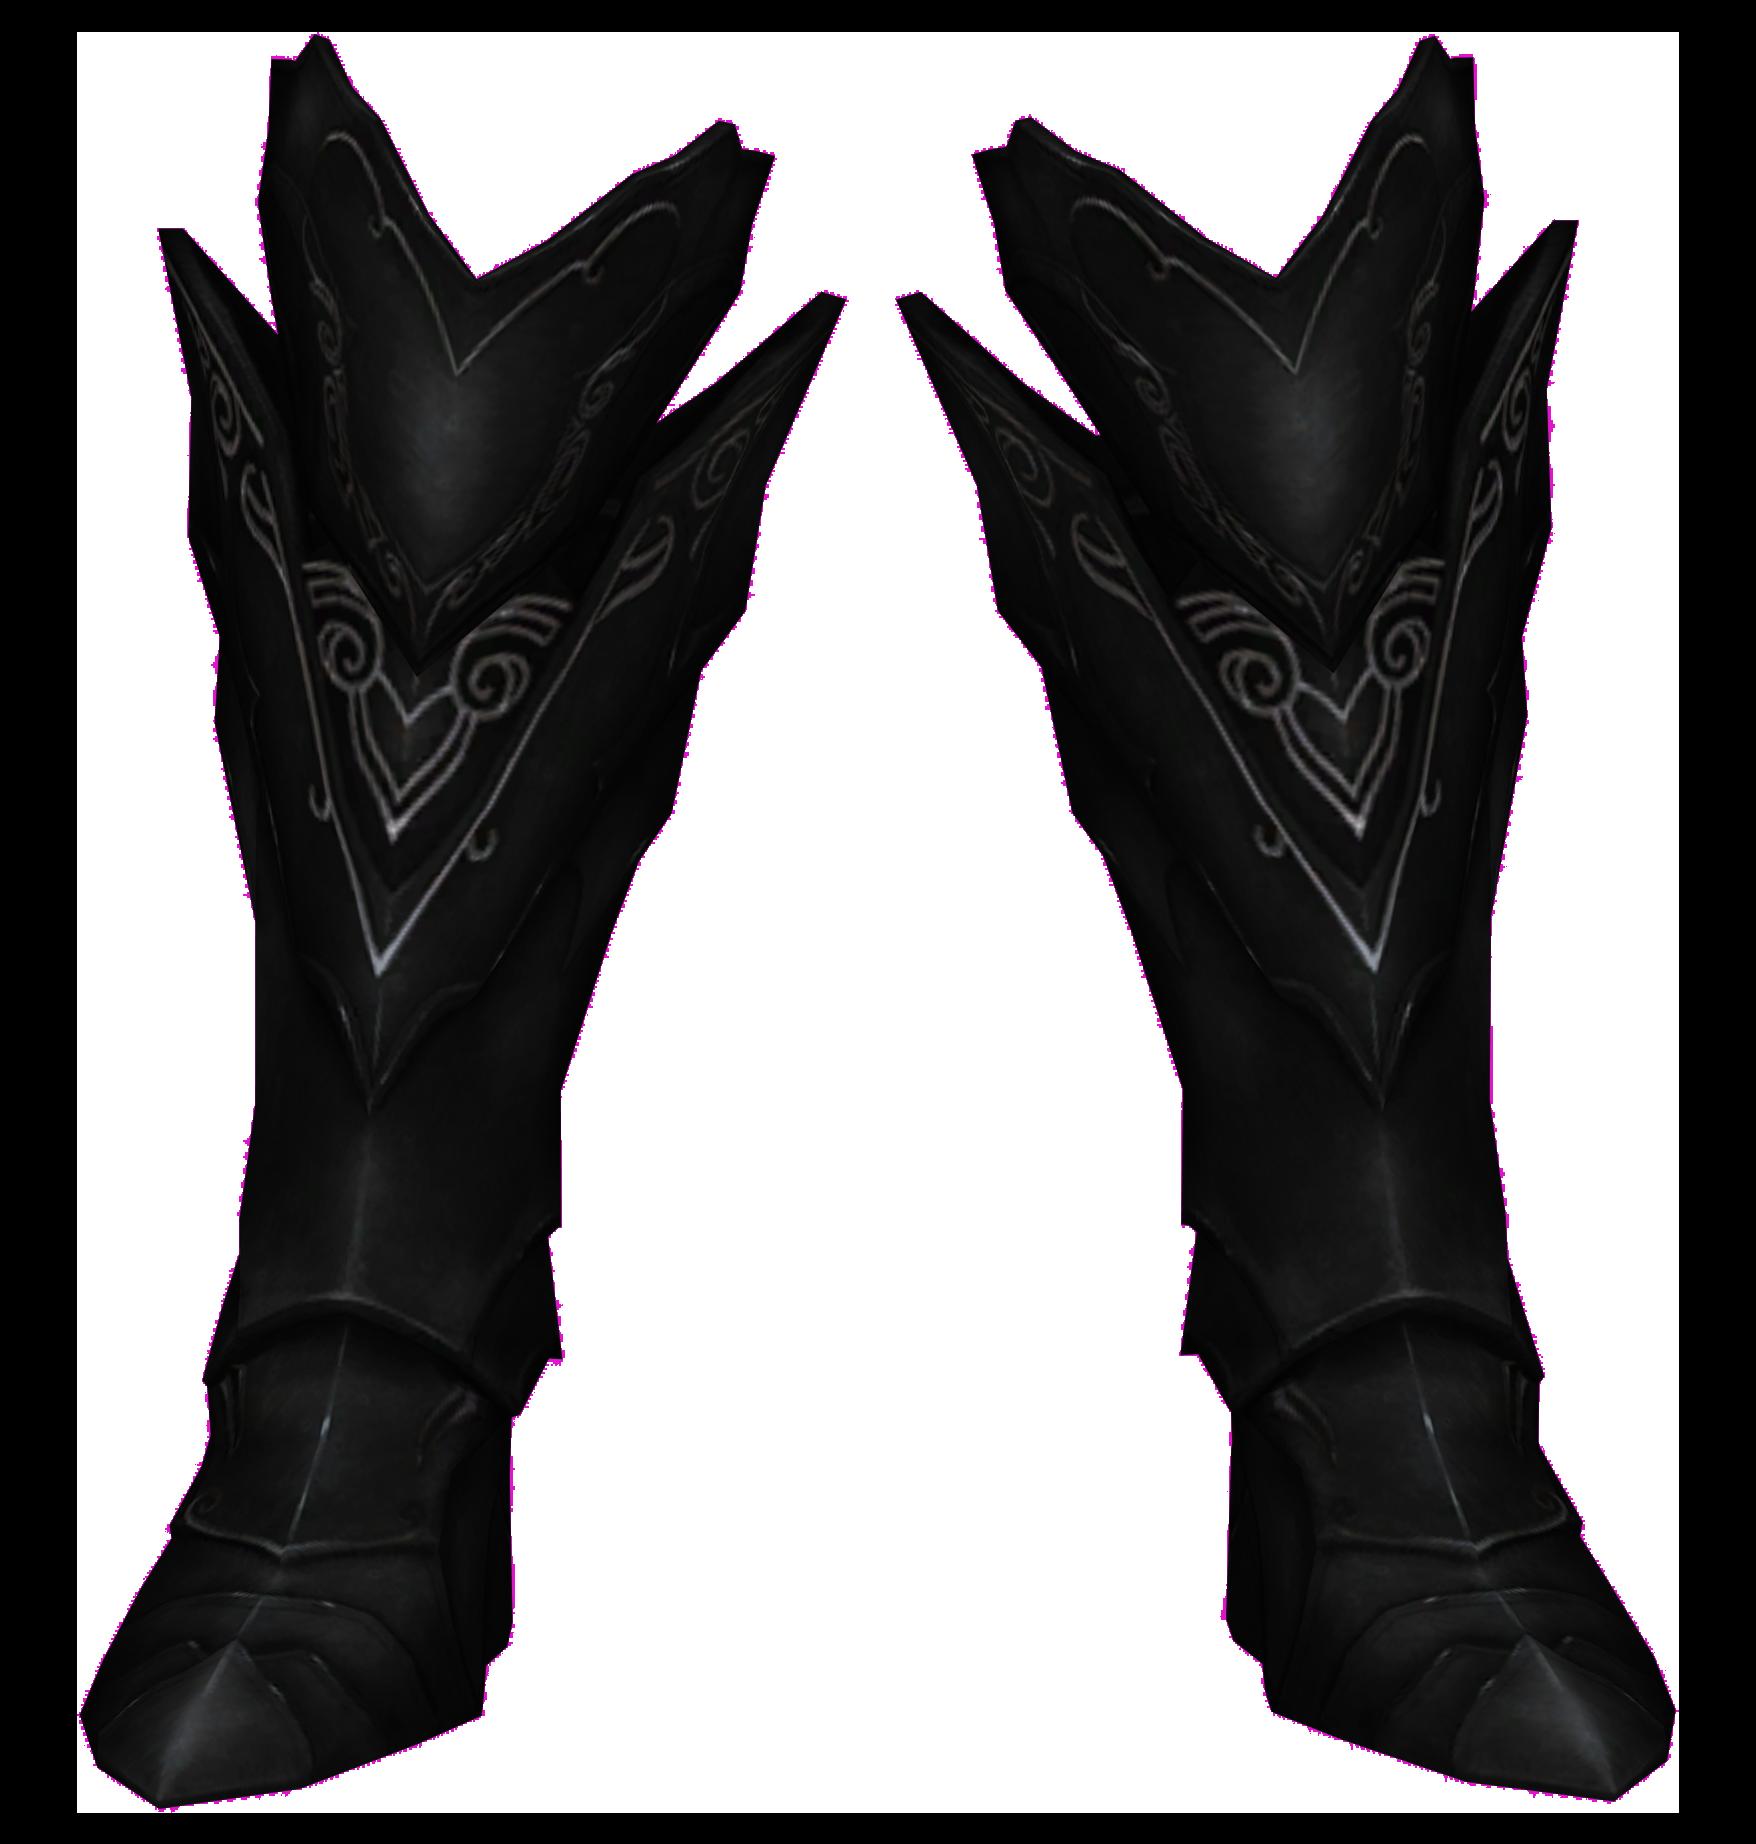 Ebony Boot